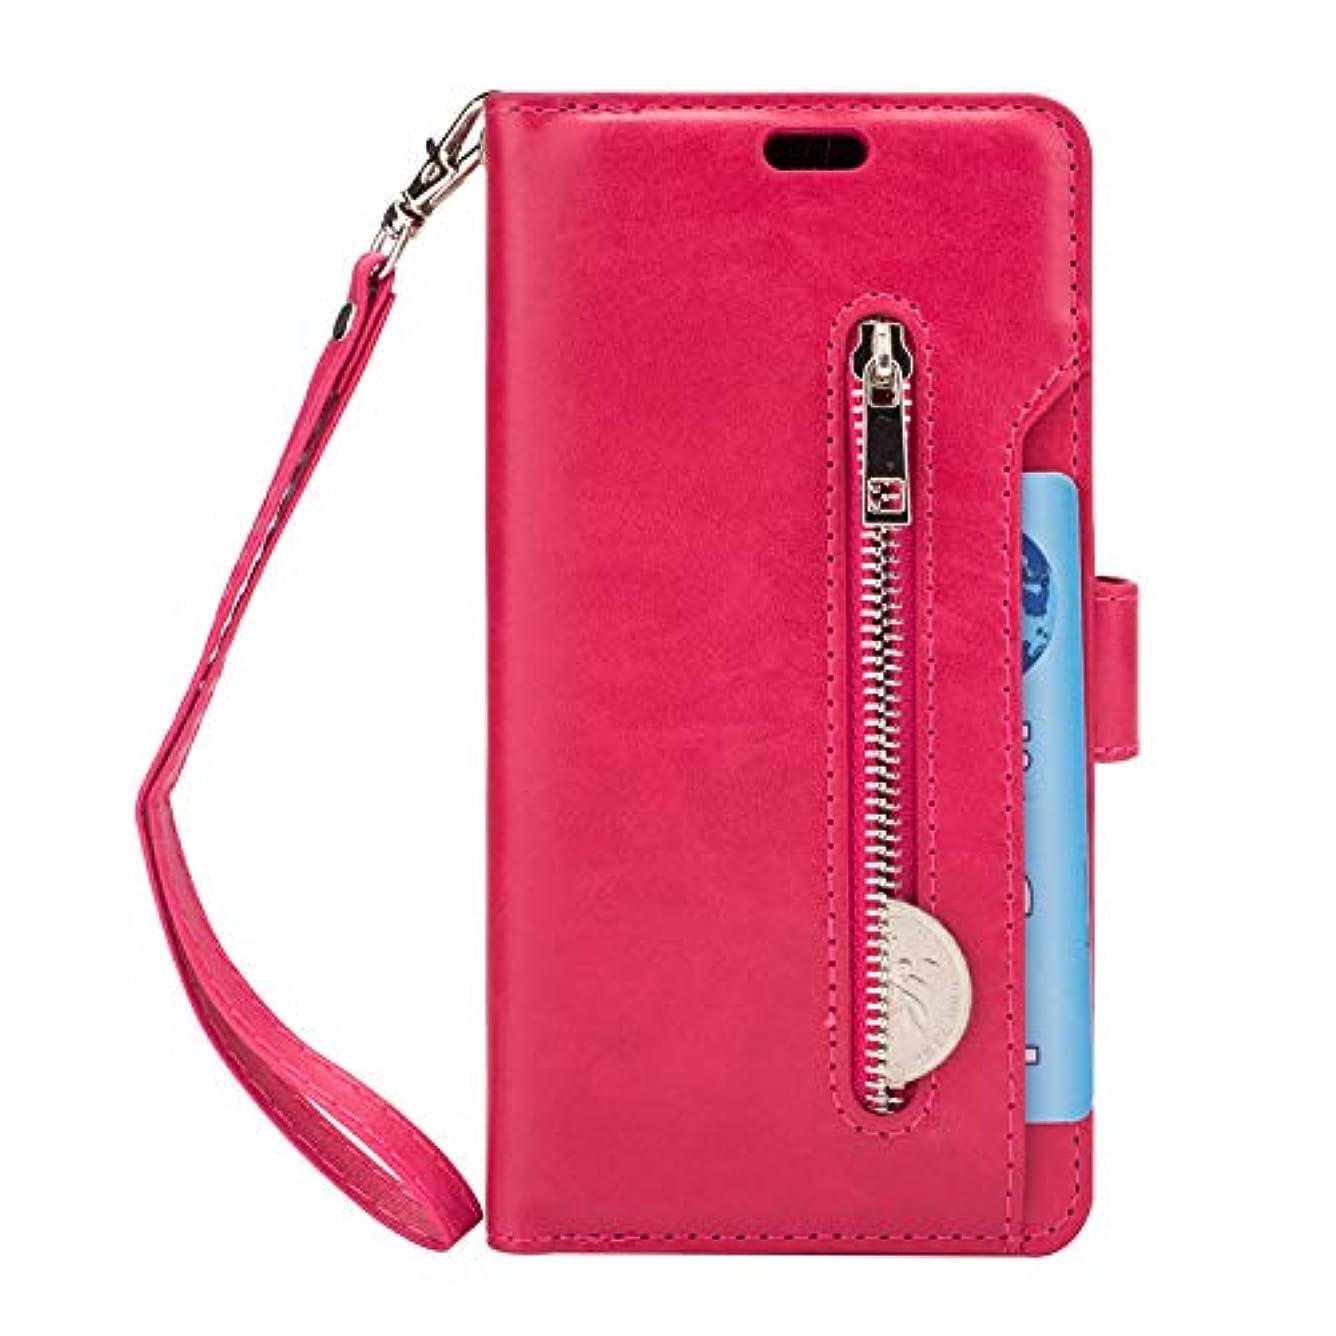 ケース Galaxy S9 手帳型、SIMPLE DO 分離可能 カード収納 スタンド機能 二つ折り 軽量 持ち運び便利 耐衝撃 レディース 女子 人気 おしゃれ 通勤(ホットピンク)